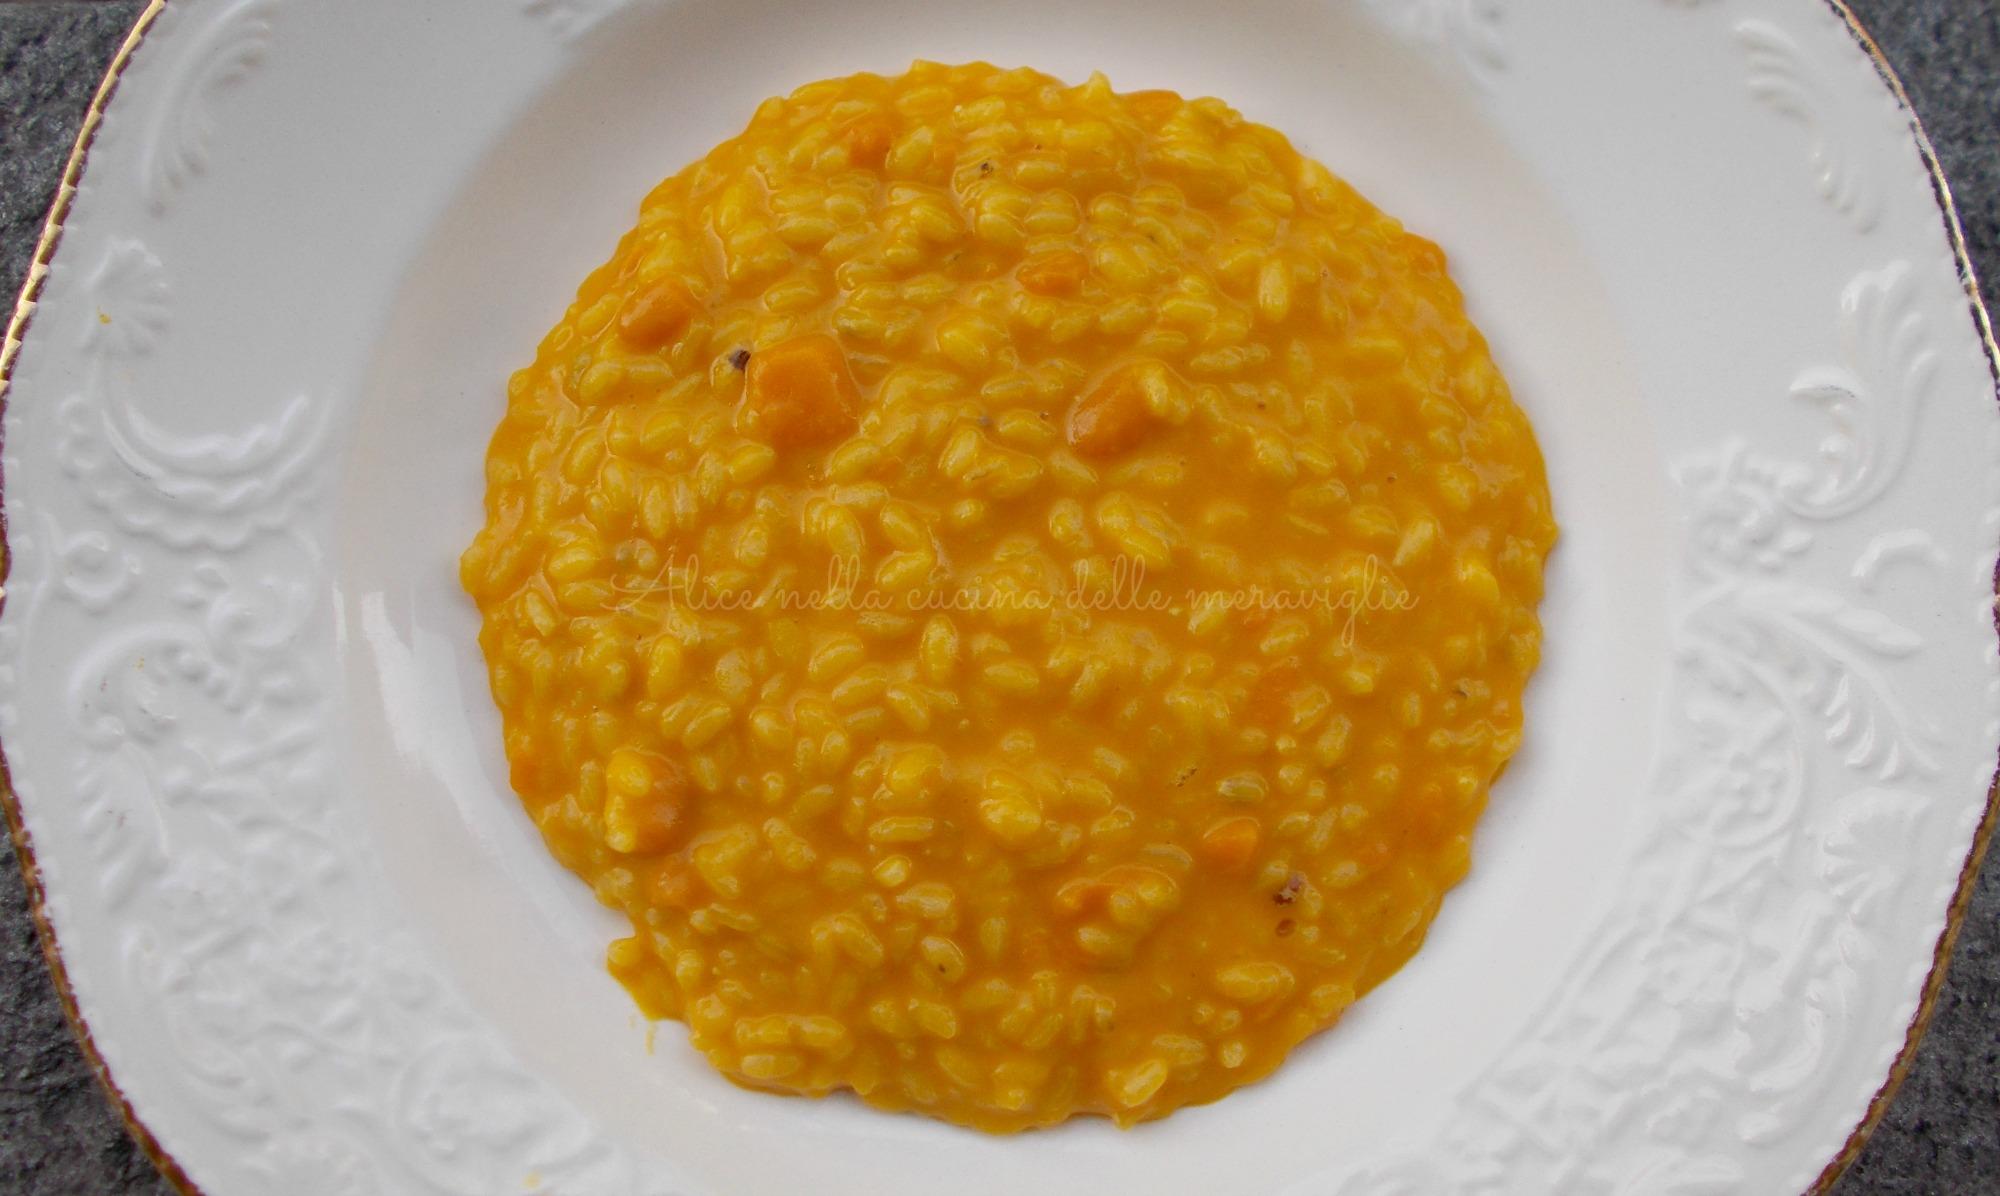 Risotto alla zucca e taleggio Ricetta primo piatto vegetariano Alice nella cucina delle meraviglie